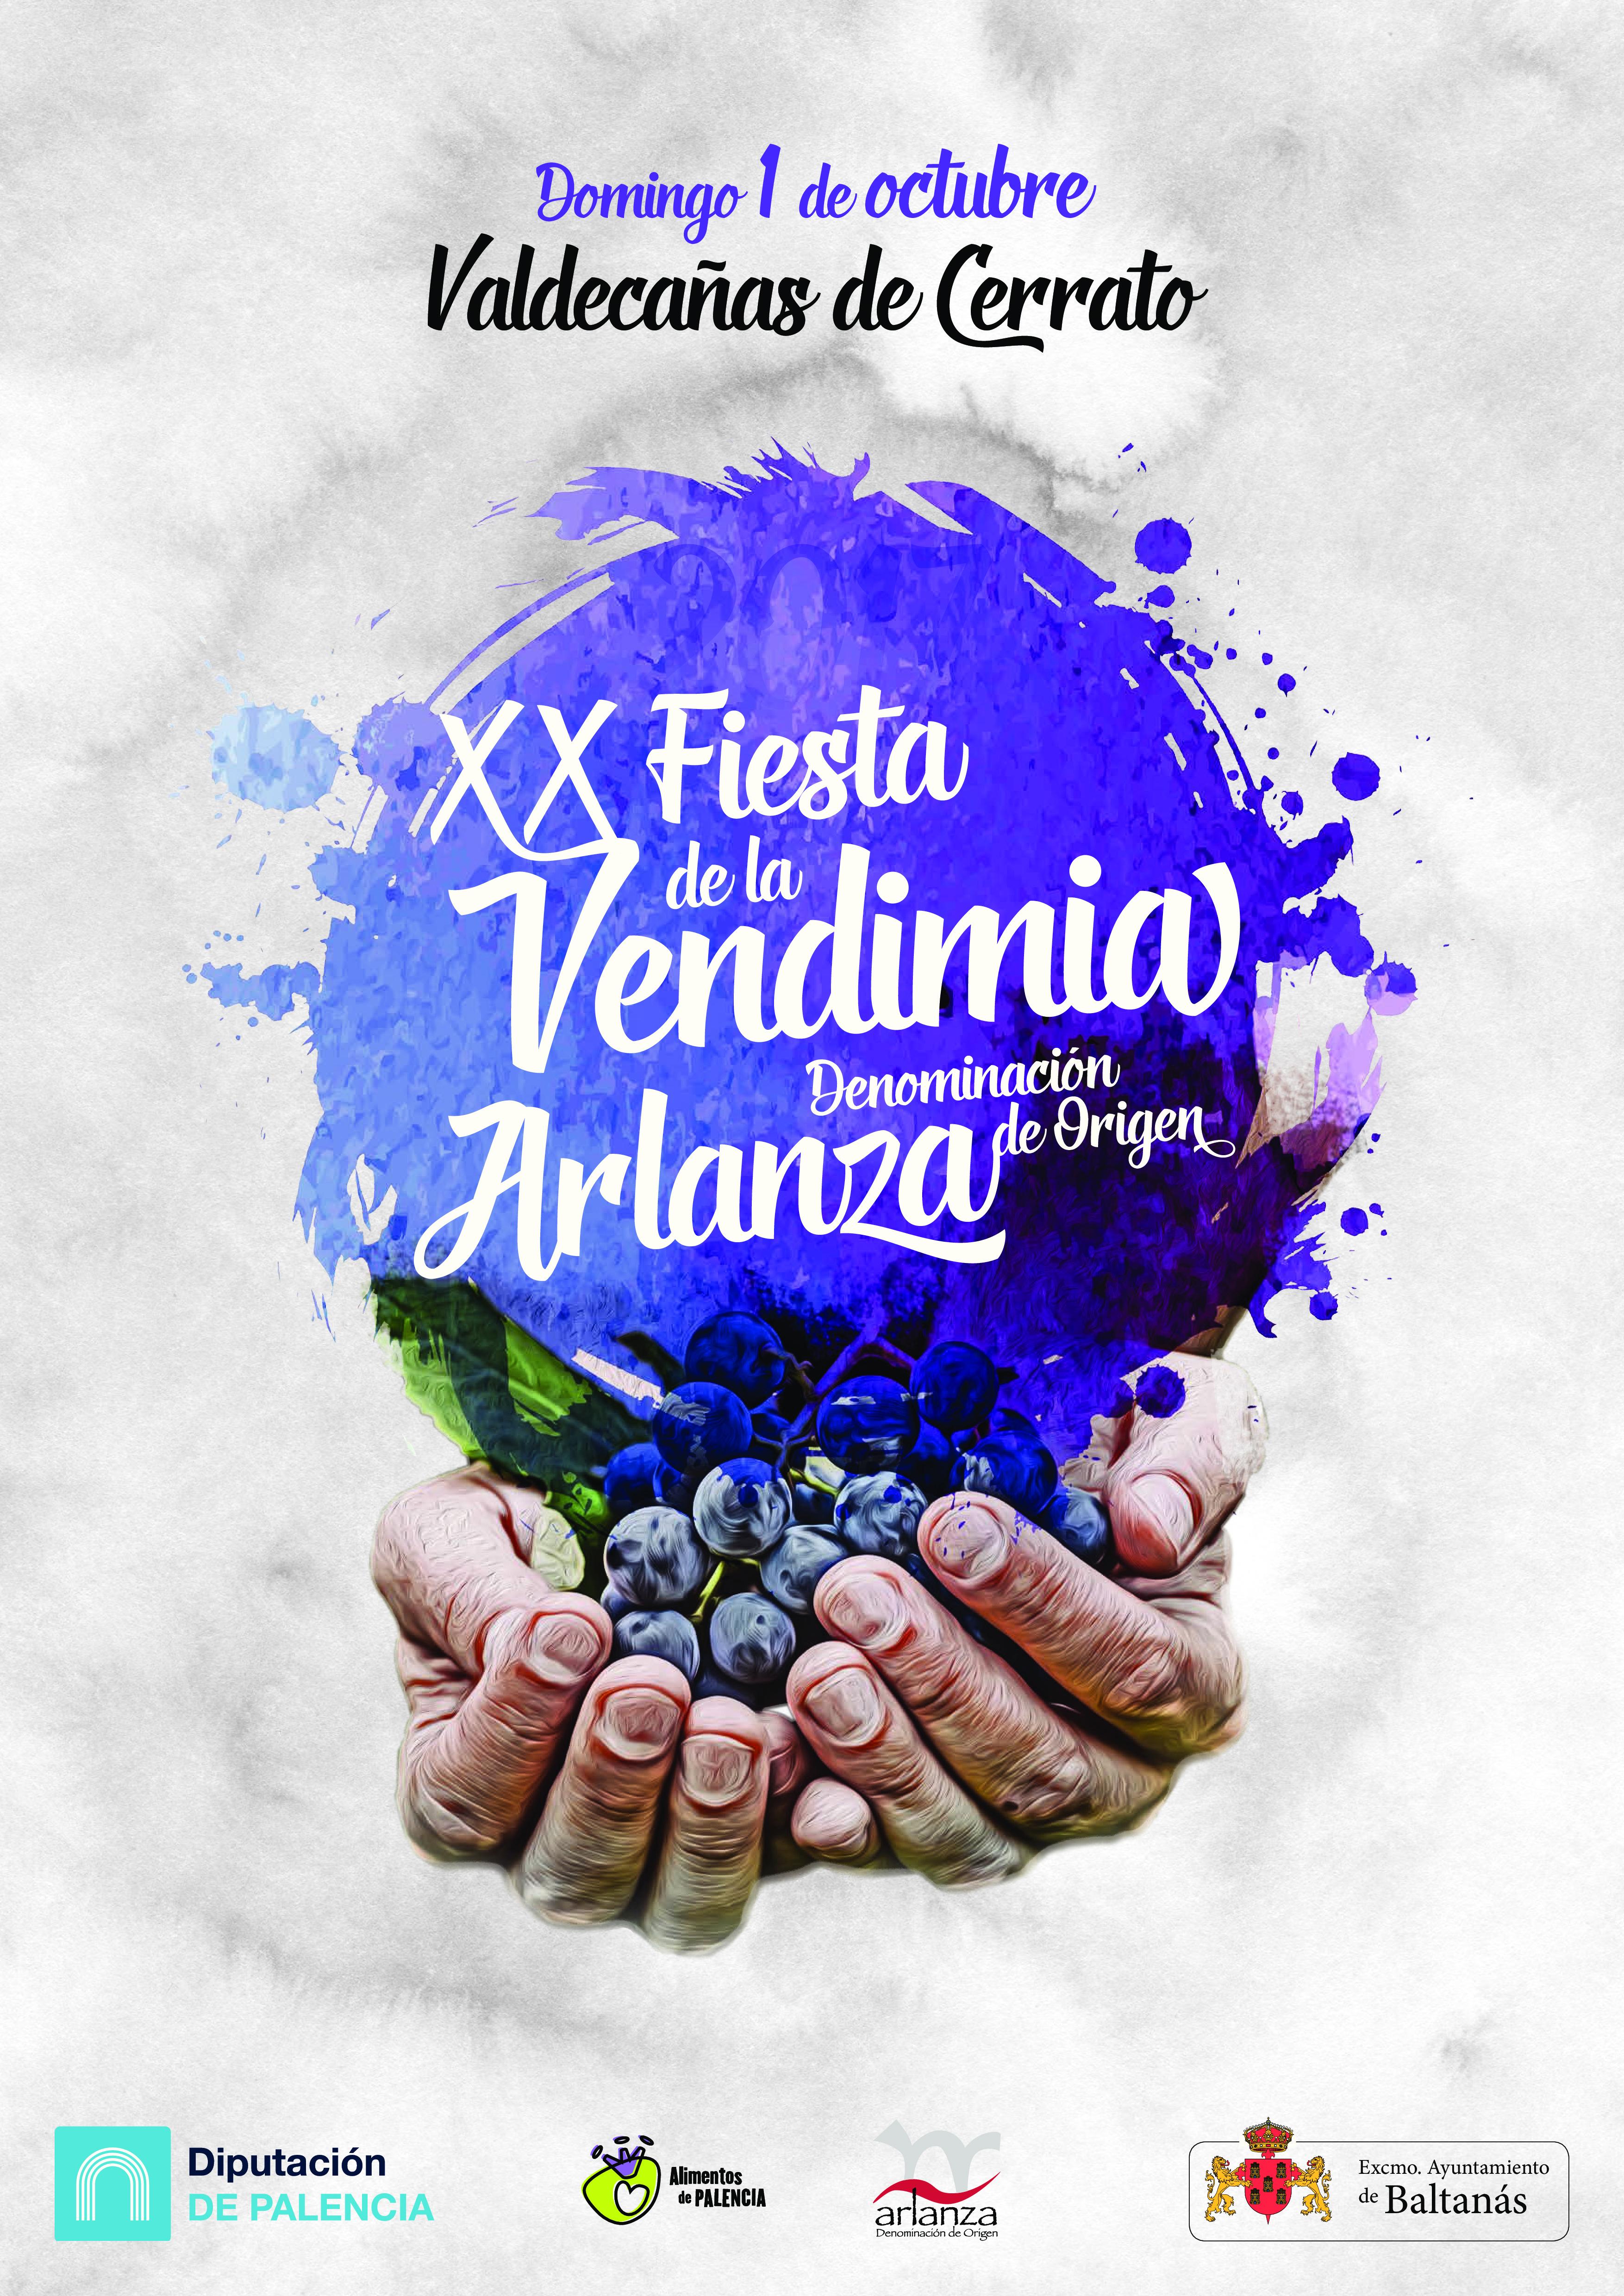 XX Fiesta de la Vendimia 2017 Denominación de Origen Arlanza – Valdecañas de Cerrato